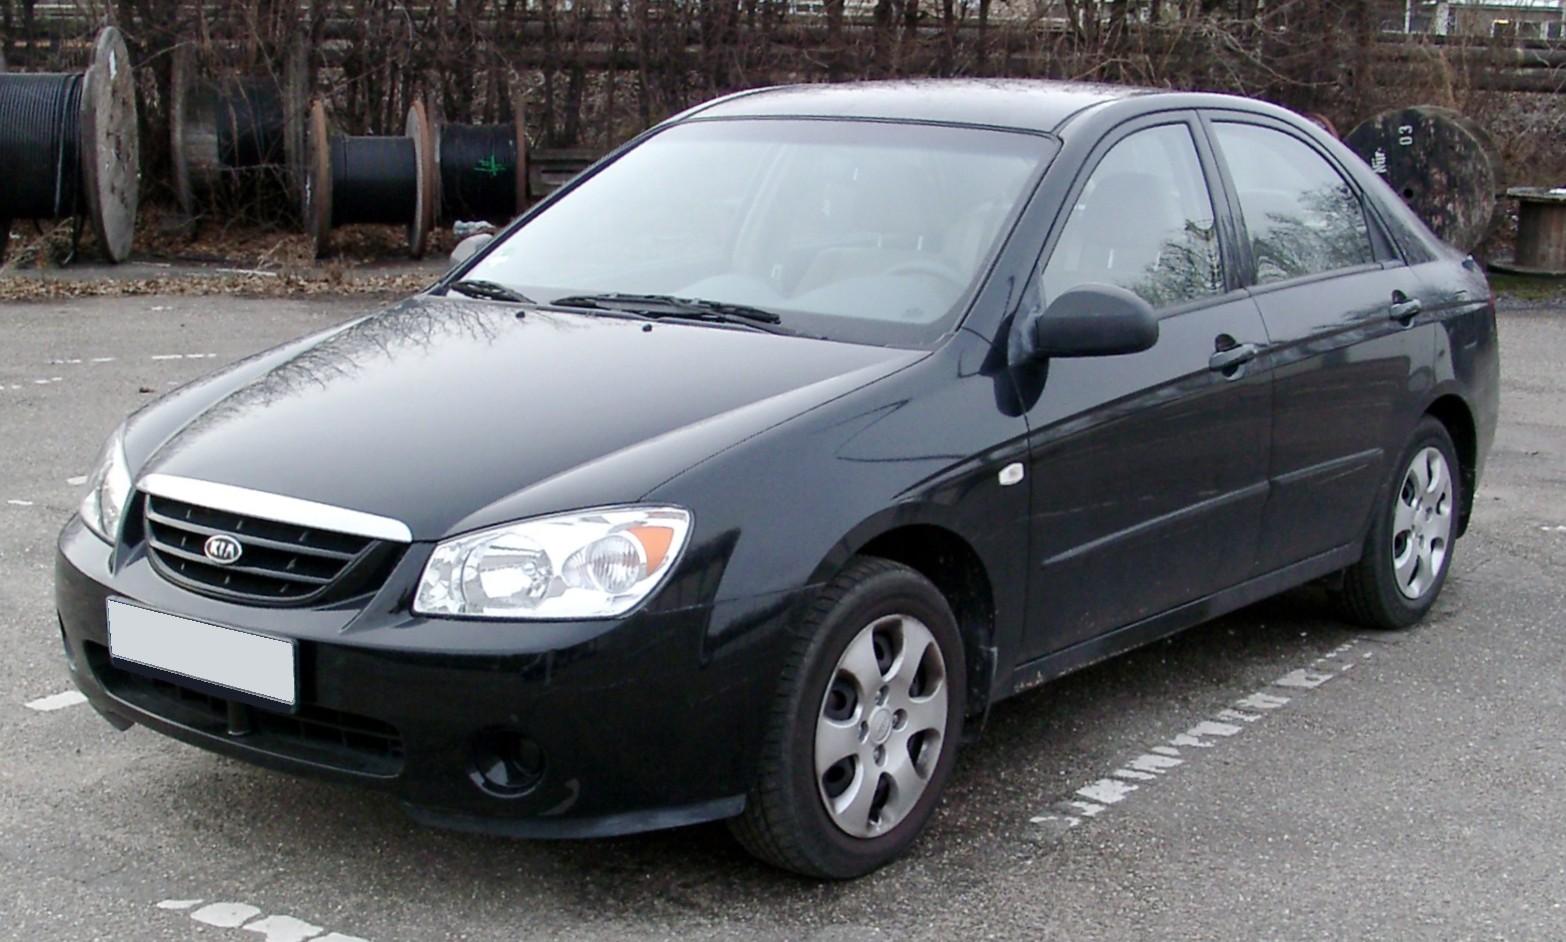 kia-cerato авто за 500 000 рублей